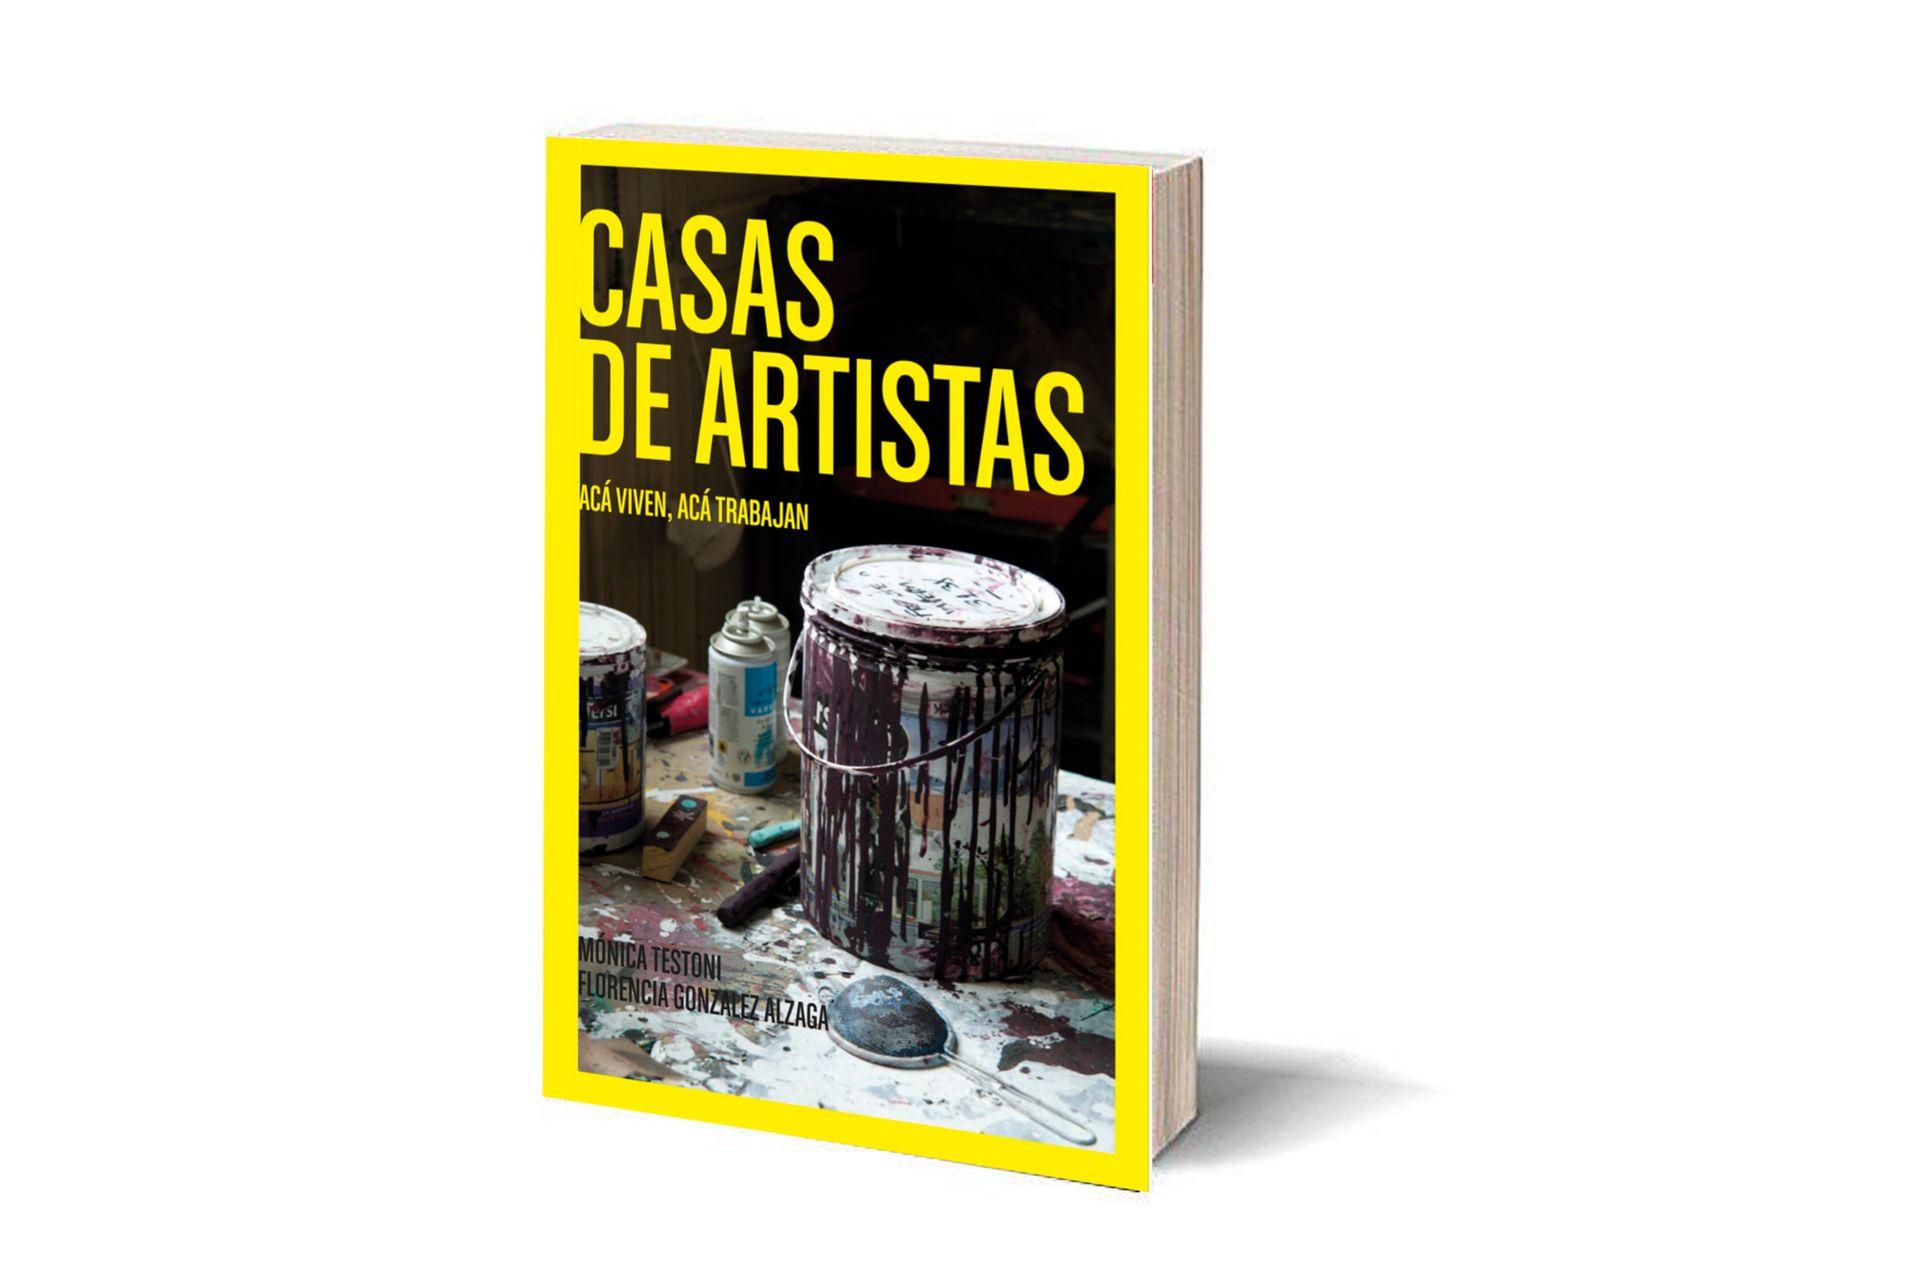 """Portada del libro """"Casa de artistas"""", edición dedicada a creadores argentinos"""